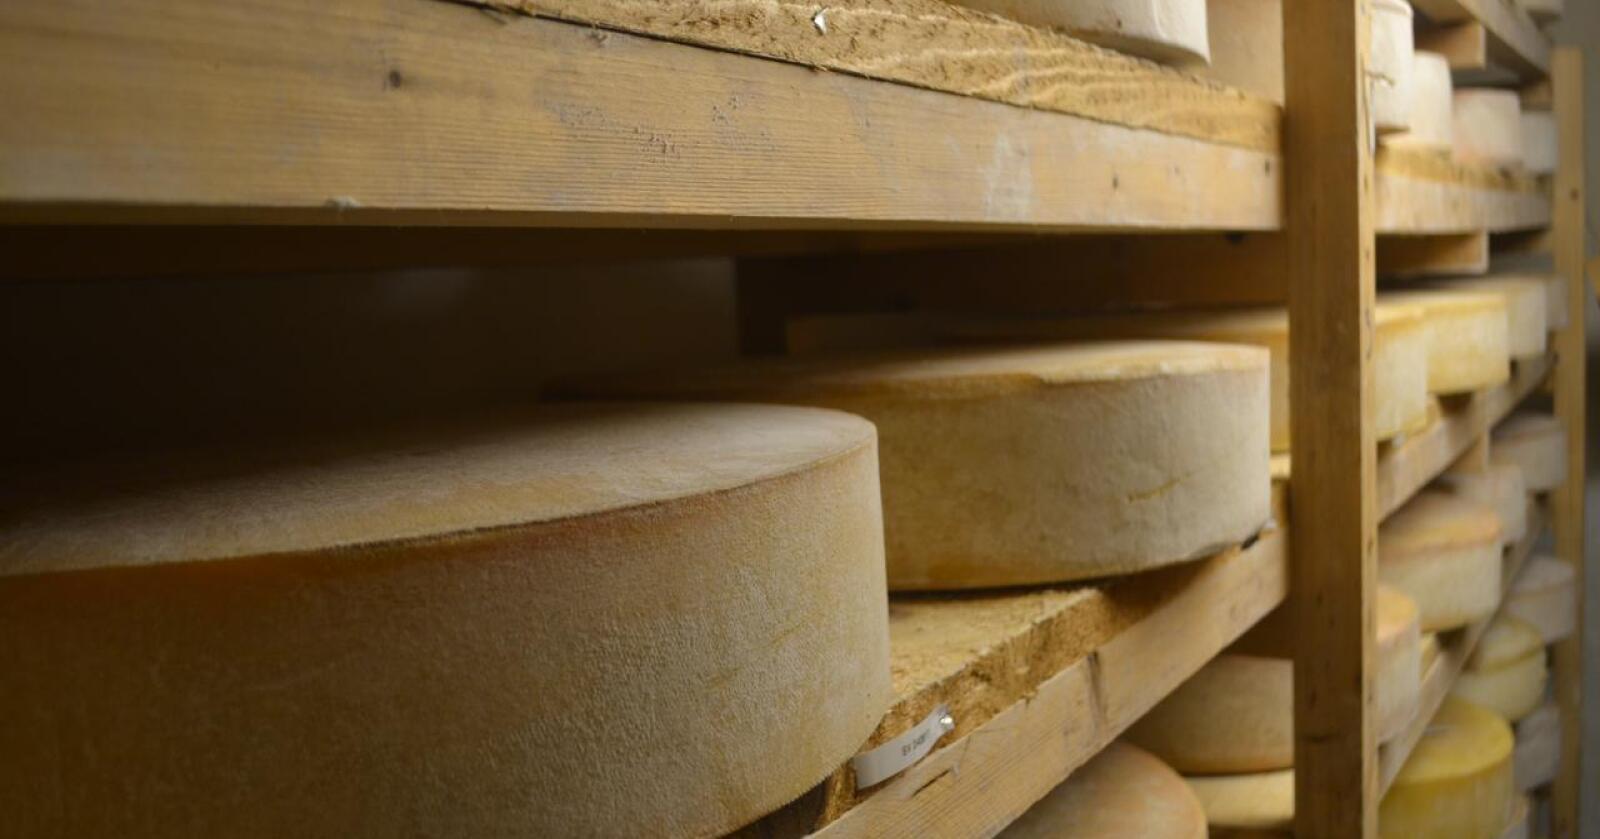 Tid til å teste: Upasteurisert melk kan brukes til ost, men ikke selges som drikkemelk over disk. Foto: Jarle Rueslåtten Paulsen